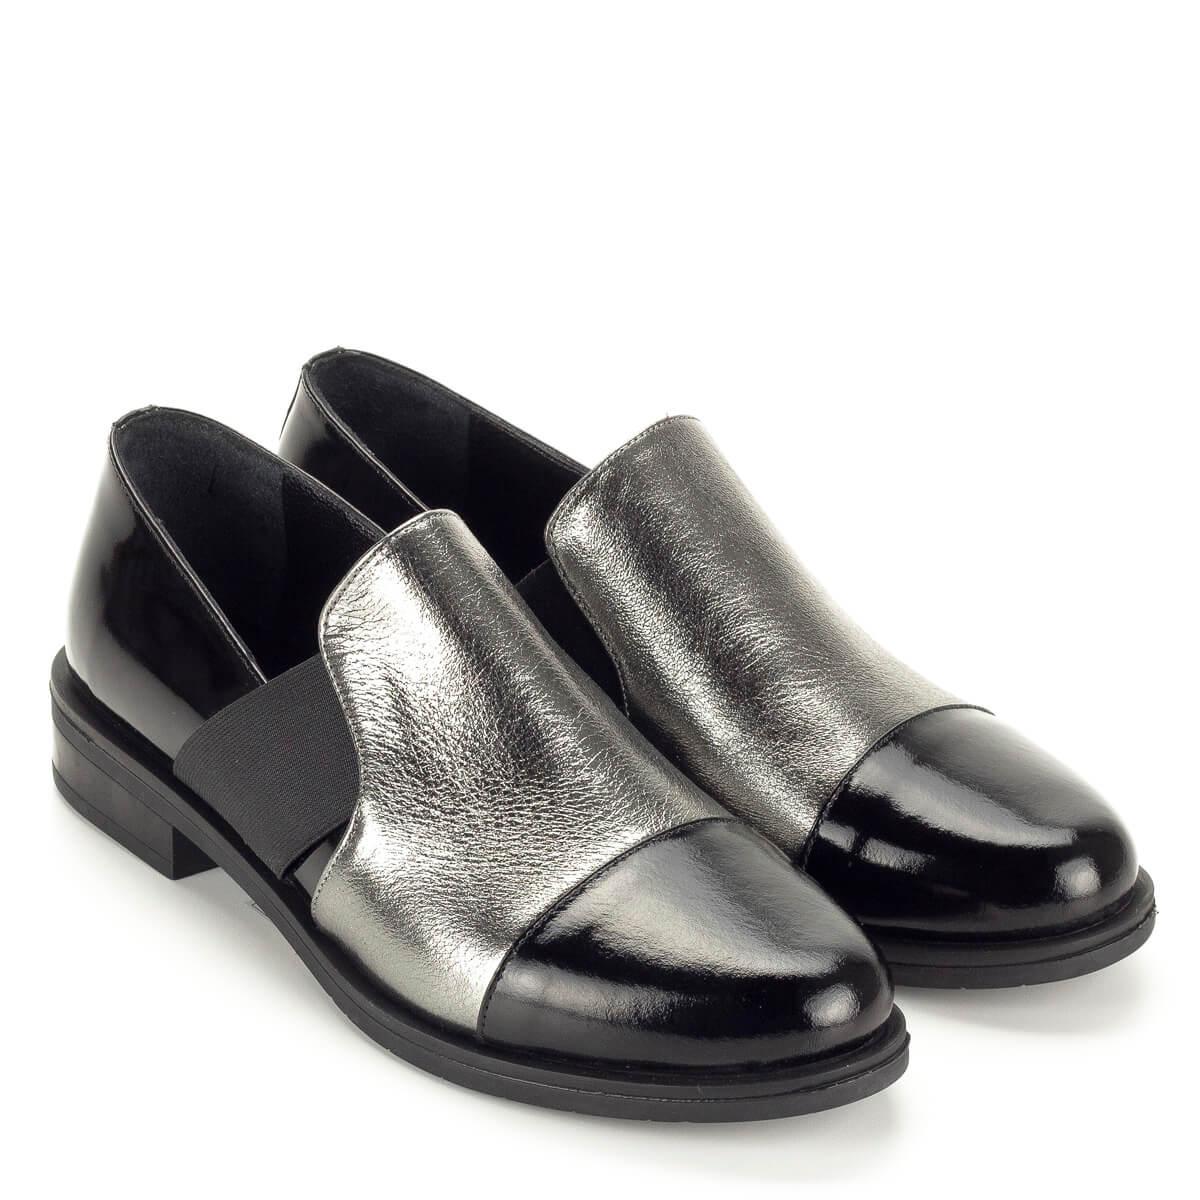 Sherlock Soon női bőr félcipő fekete lakk bőr és ezüst bőr kombinálásával.  A cipő enyhén ... 5b5f0475c3